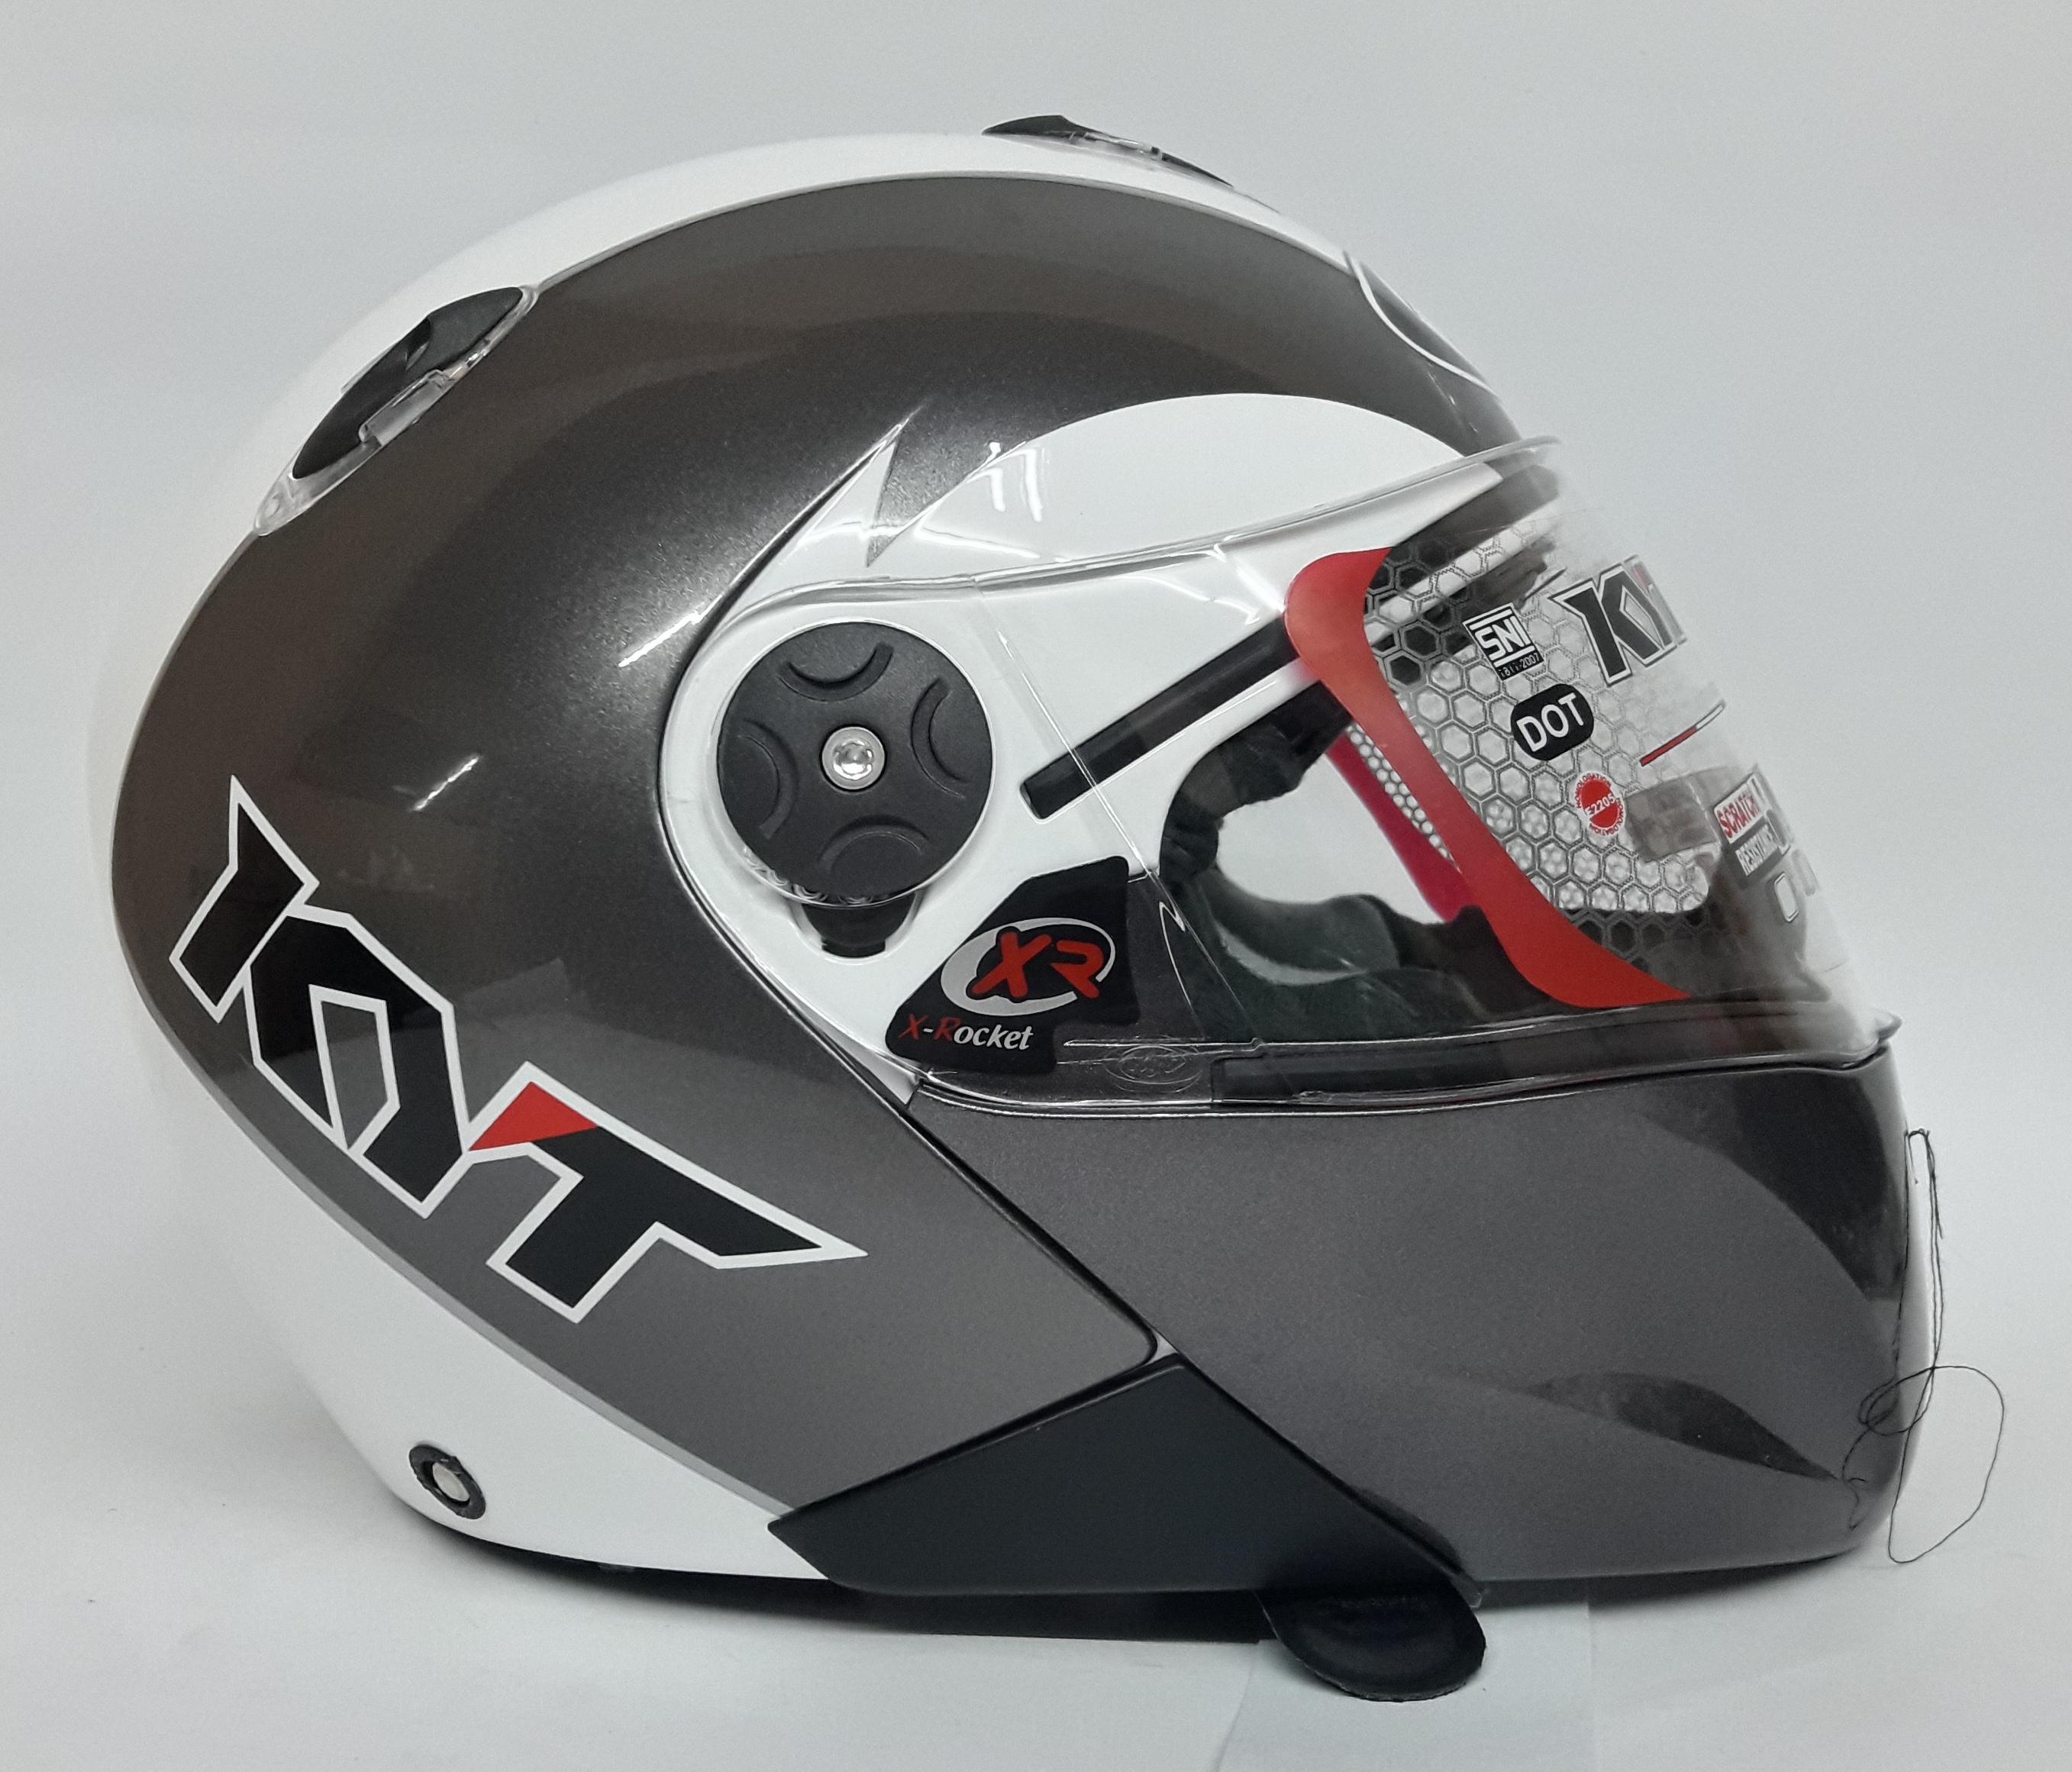 Review Kyt Rocket Helm Full Face White Gun Metal Dan Harga Terbaru Rc7 Yellow Fluo Gratis Ongkir